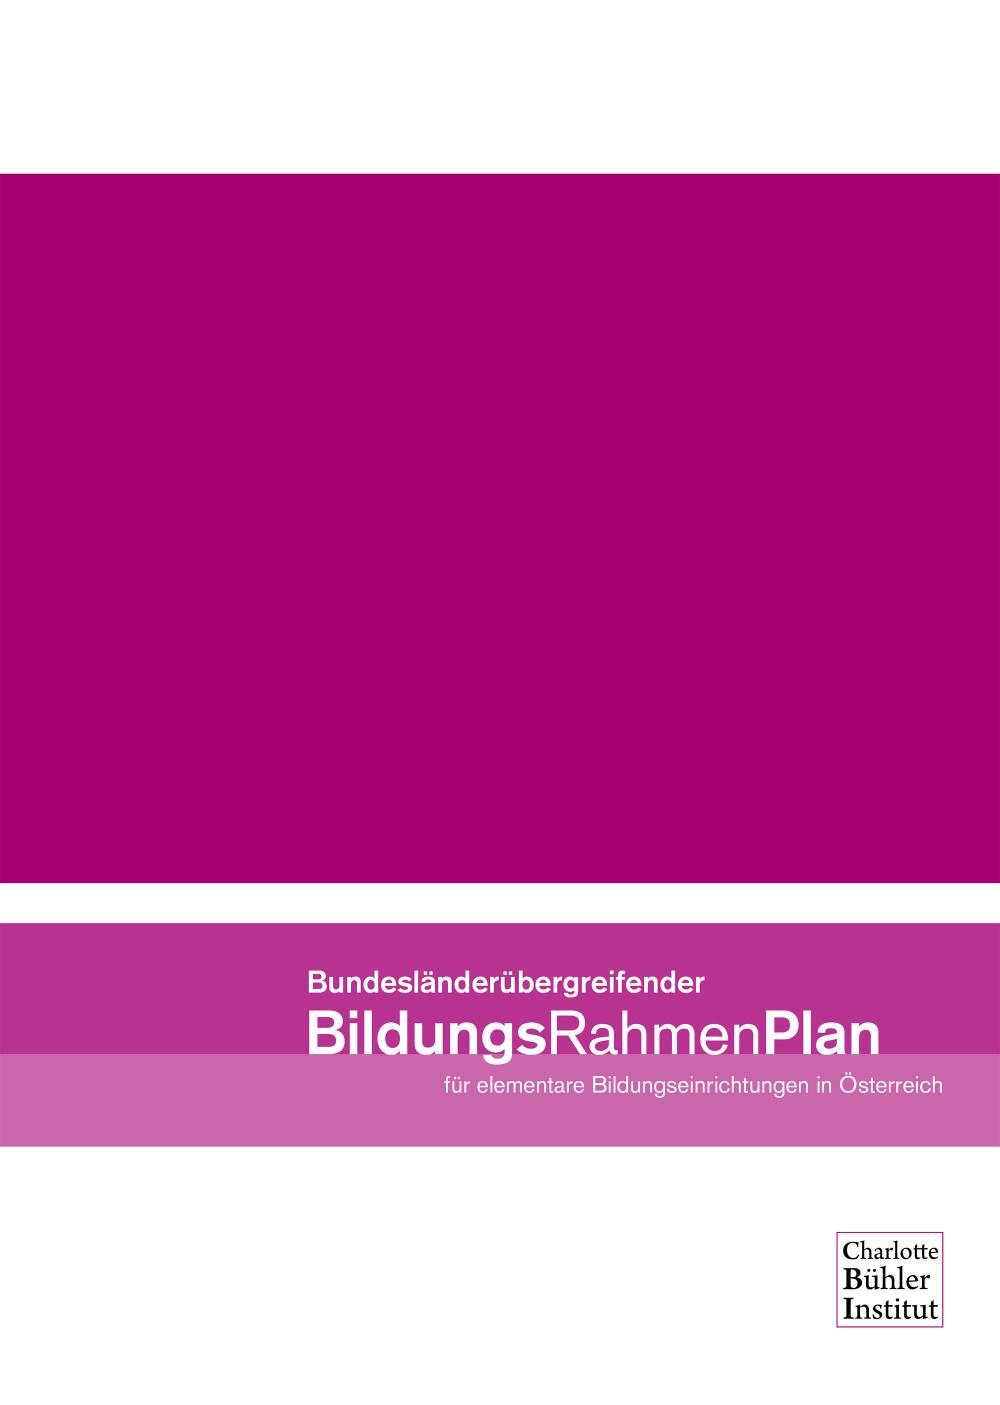 Bundesländer- übergreifender BildungsRahmenPlan für elementare Bildungseinrichtungen in Österreich